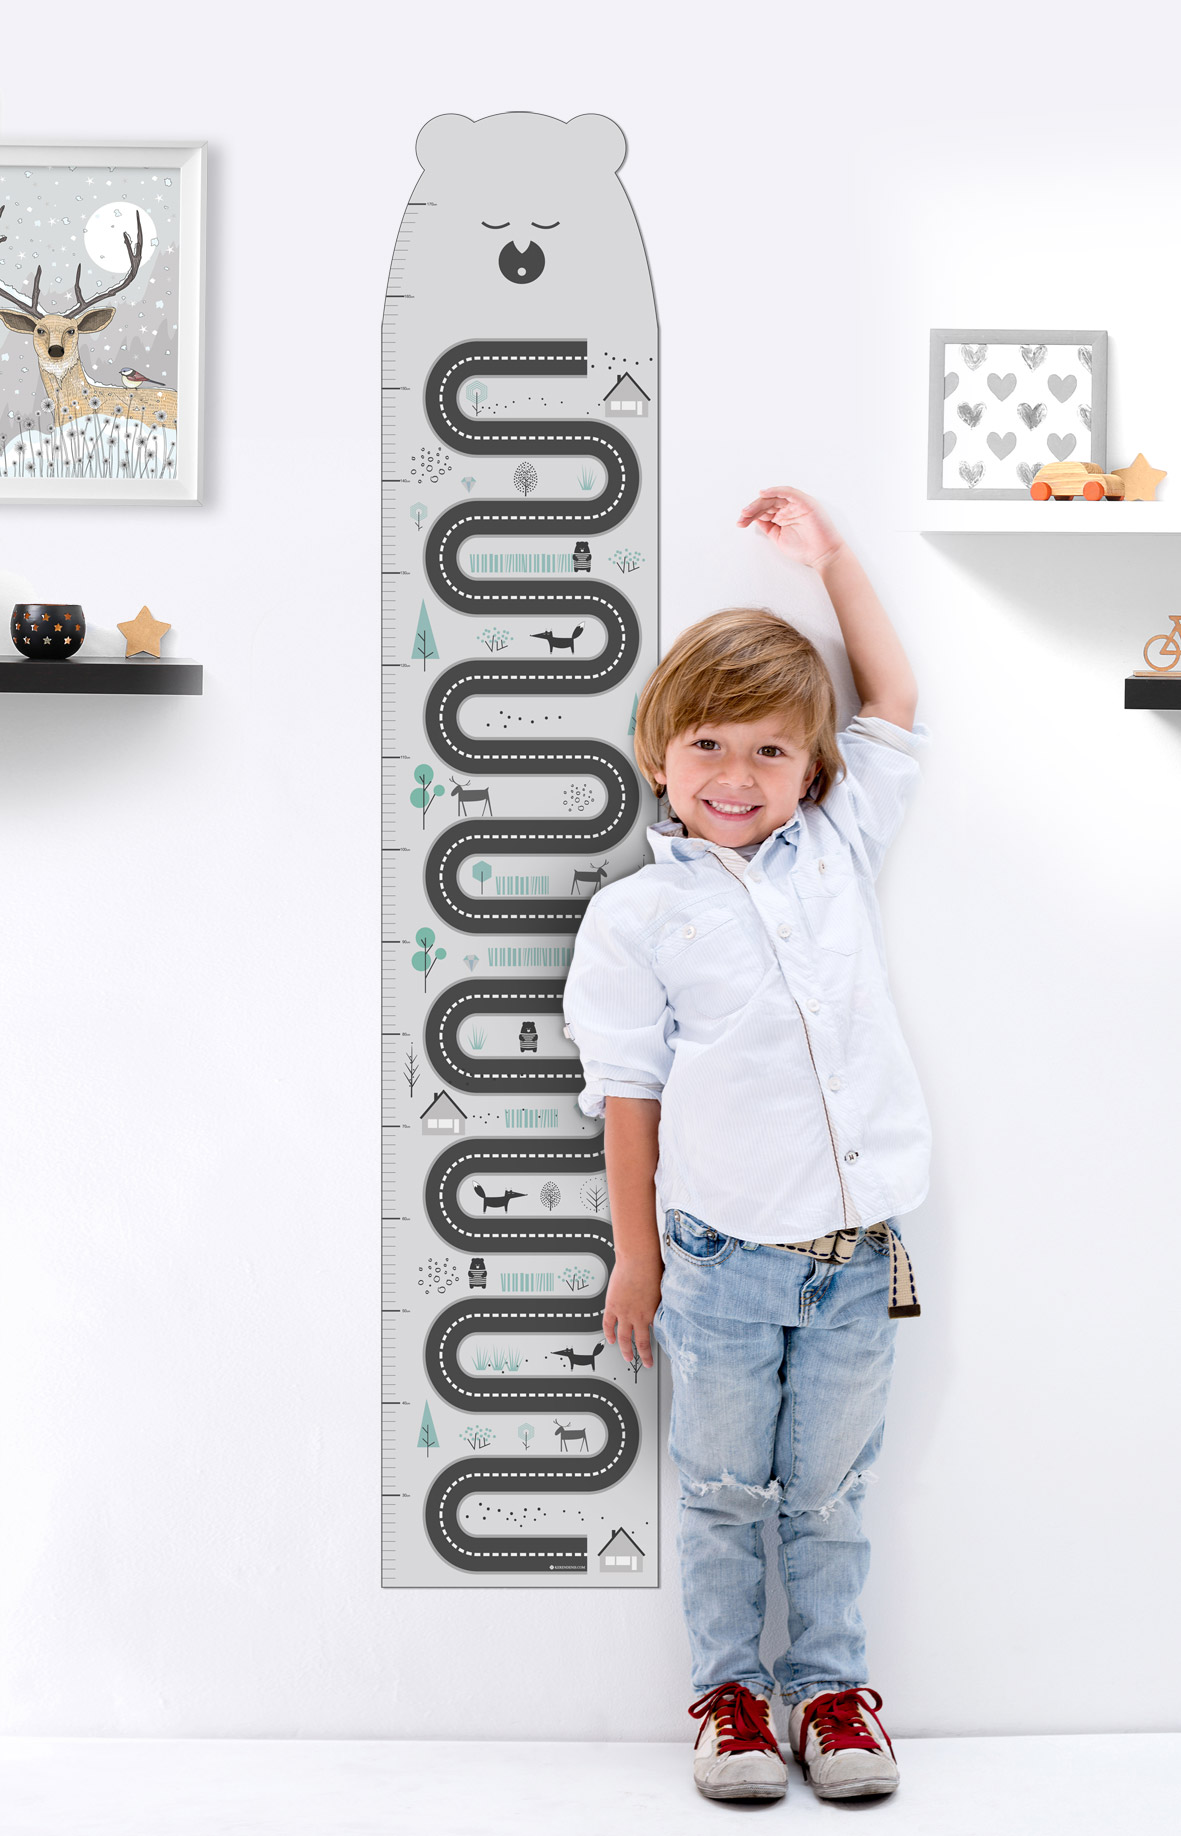 אקססוריז עיצוב חדר ילדים מדבקות קיר שמראה את הגובה של הילדים מדבקת קיר בעיצוב מד גובה מבוך